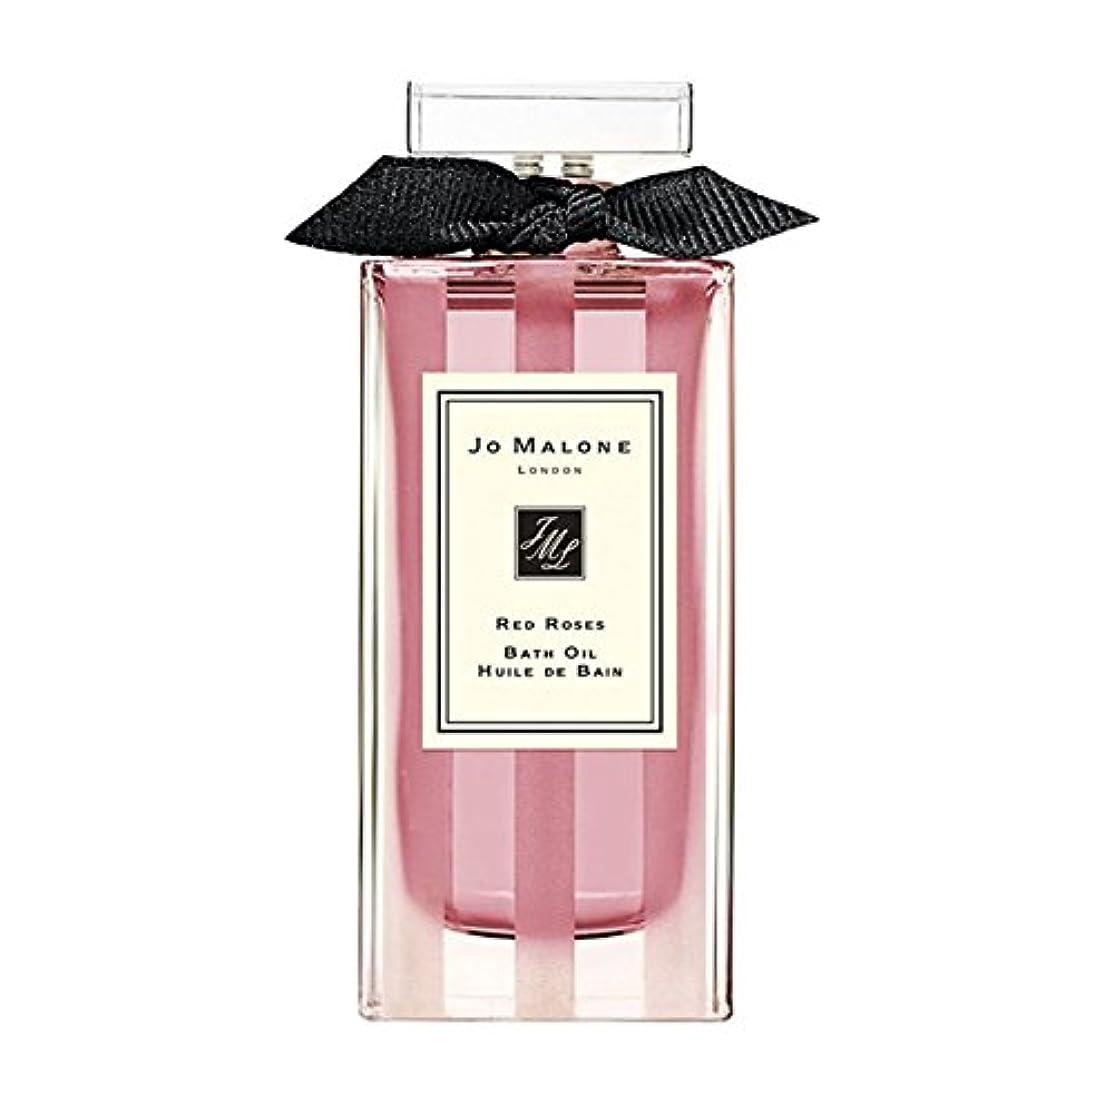 欲しいです質素な代名詞Jo Maloneジョーマローン, バスオイル - 赤いバラ (30ml)  'Red Roses' Bath Oil (1oz) [海外直送品] [並行輸入品]